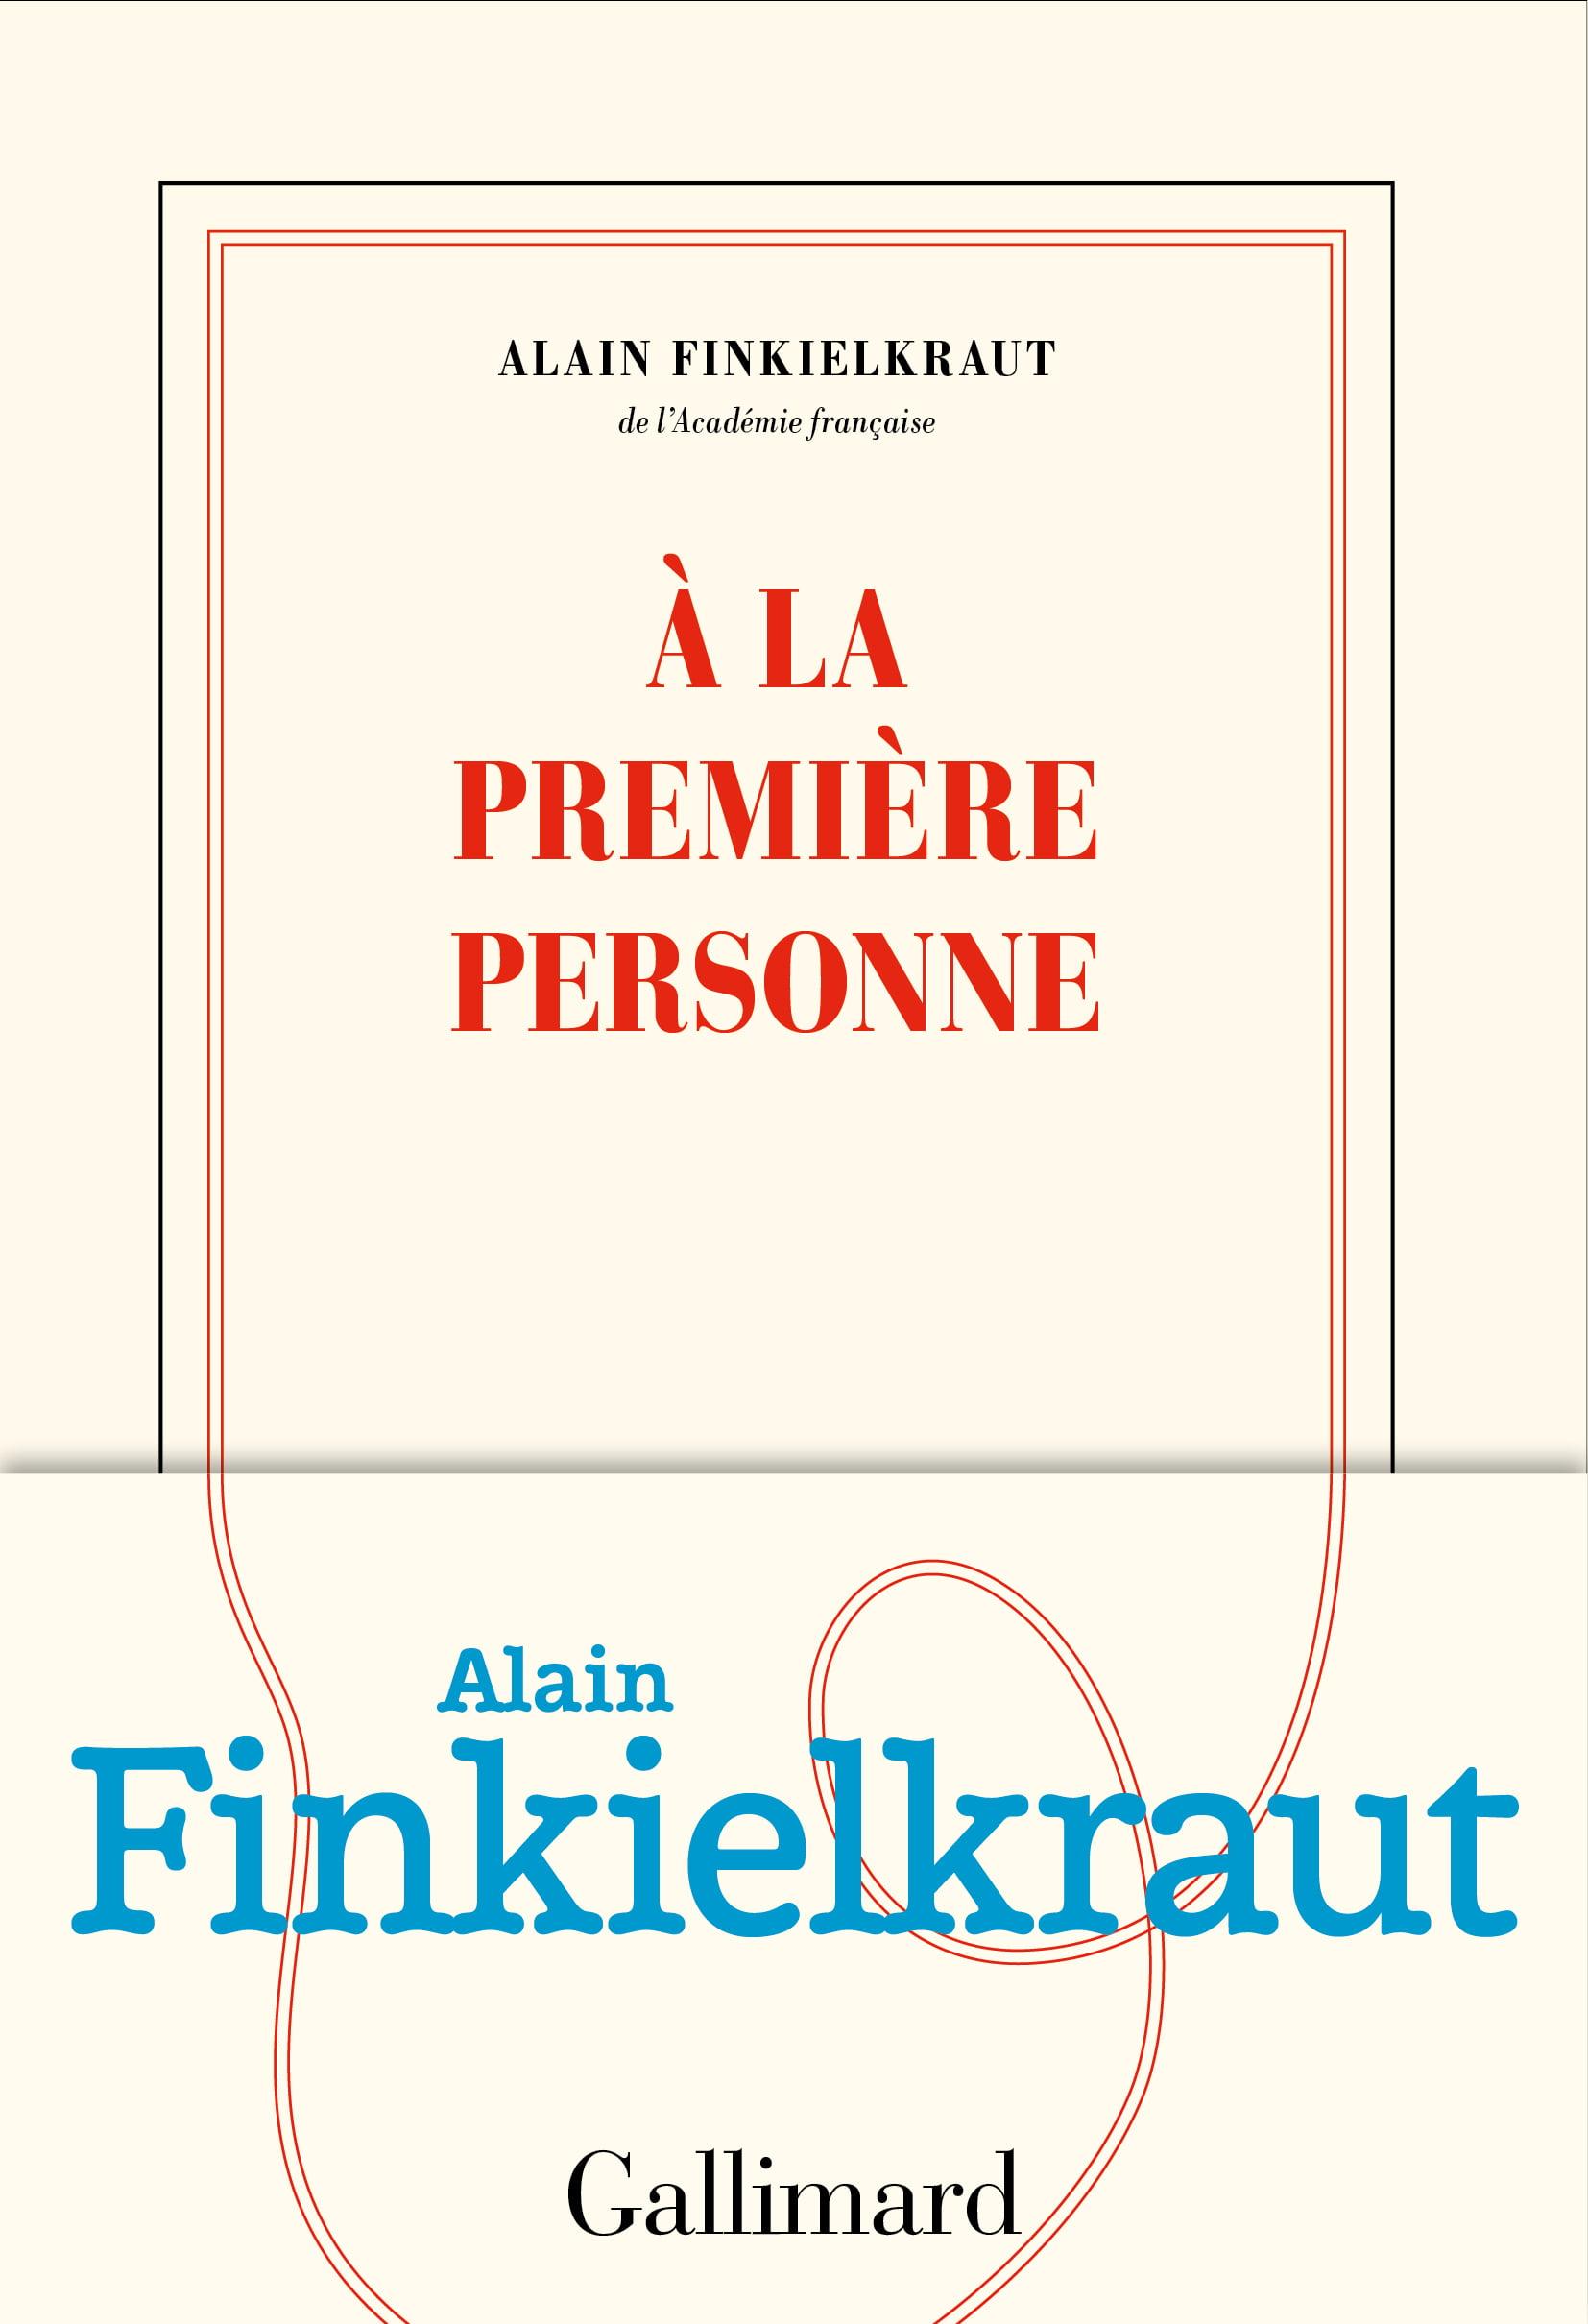 À la première personne de Alain Finkielkraut